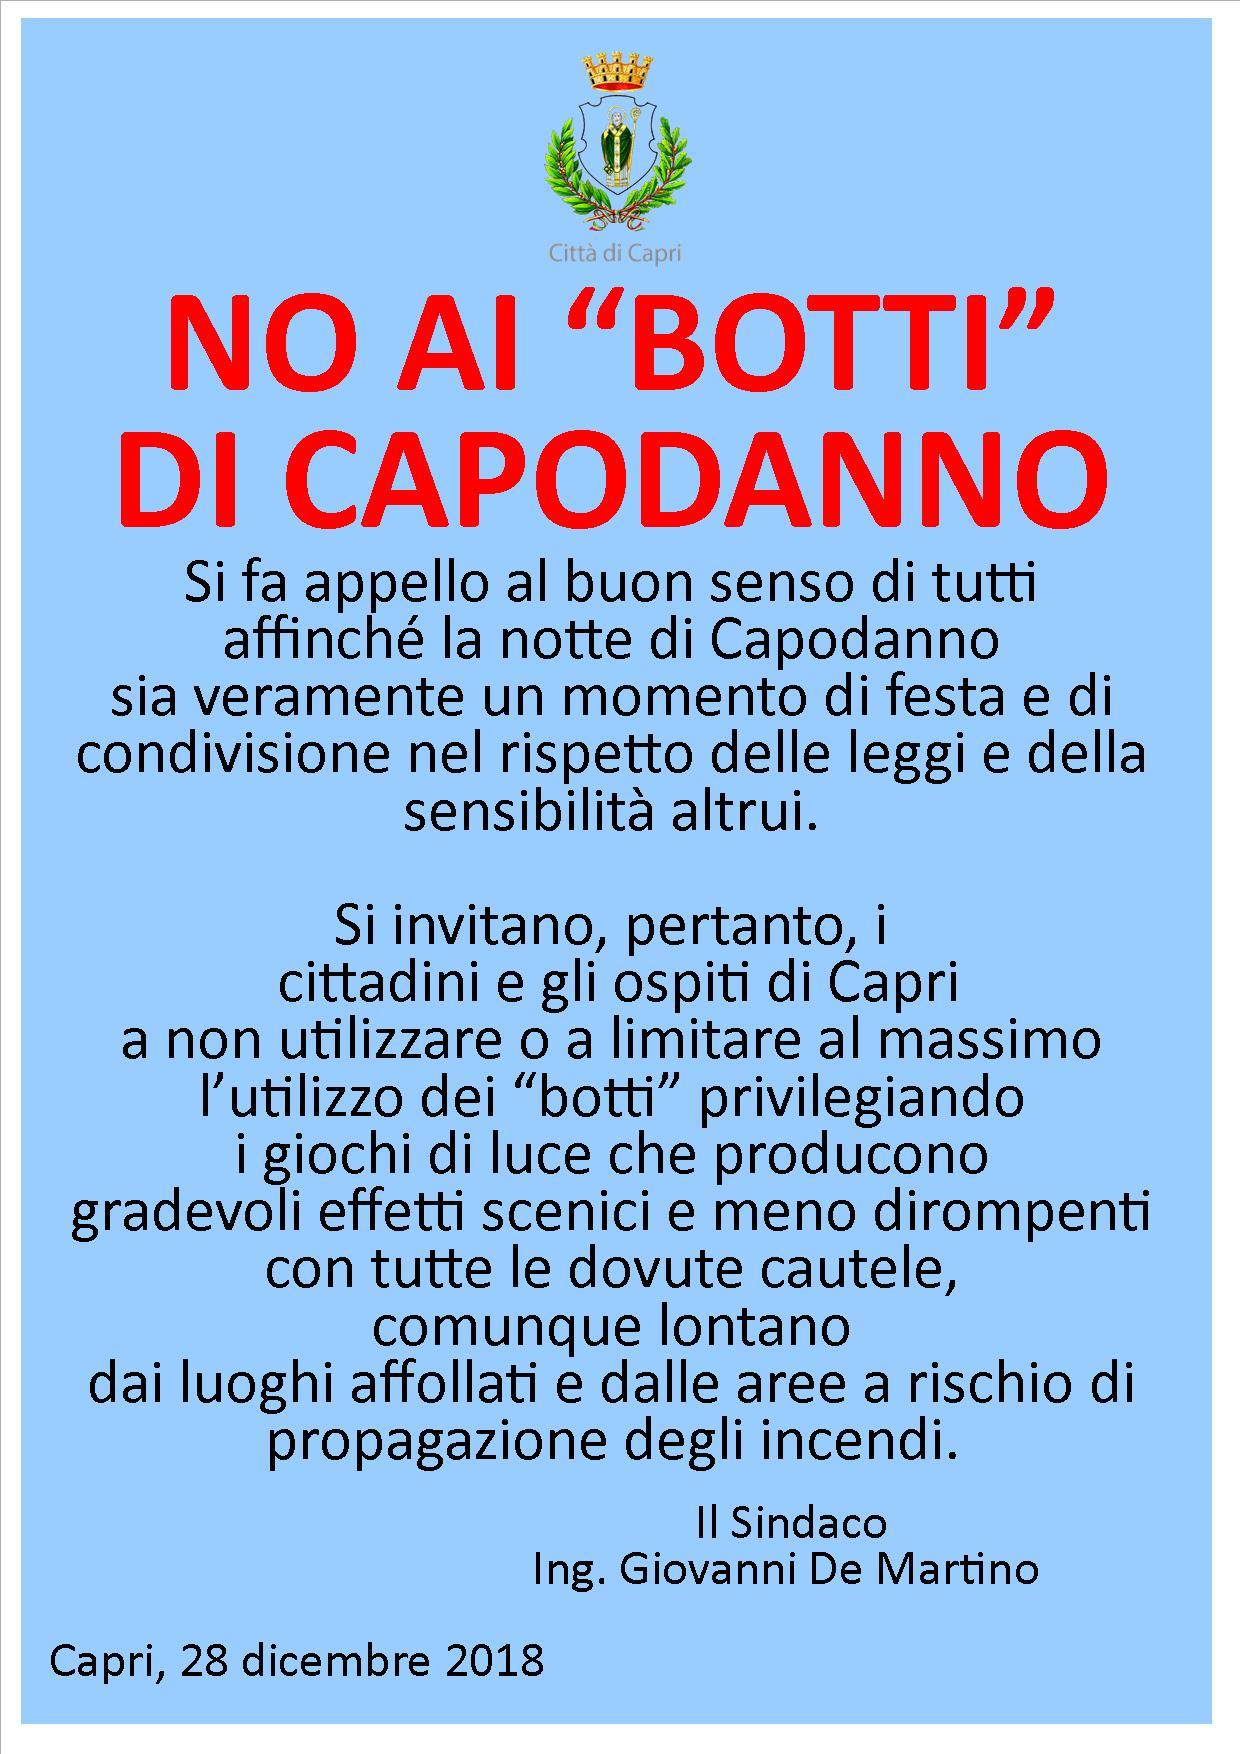 50451093bd499 Pubblichiamo due locandine diffuse dal Sindaco e dall'amministrazione  comunale di Capri nelle quali si invita a non sparare o a limitare al  massimo ...